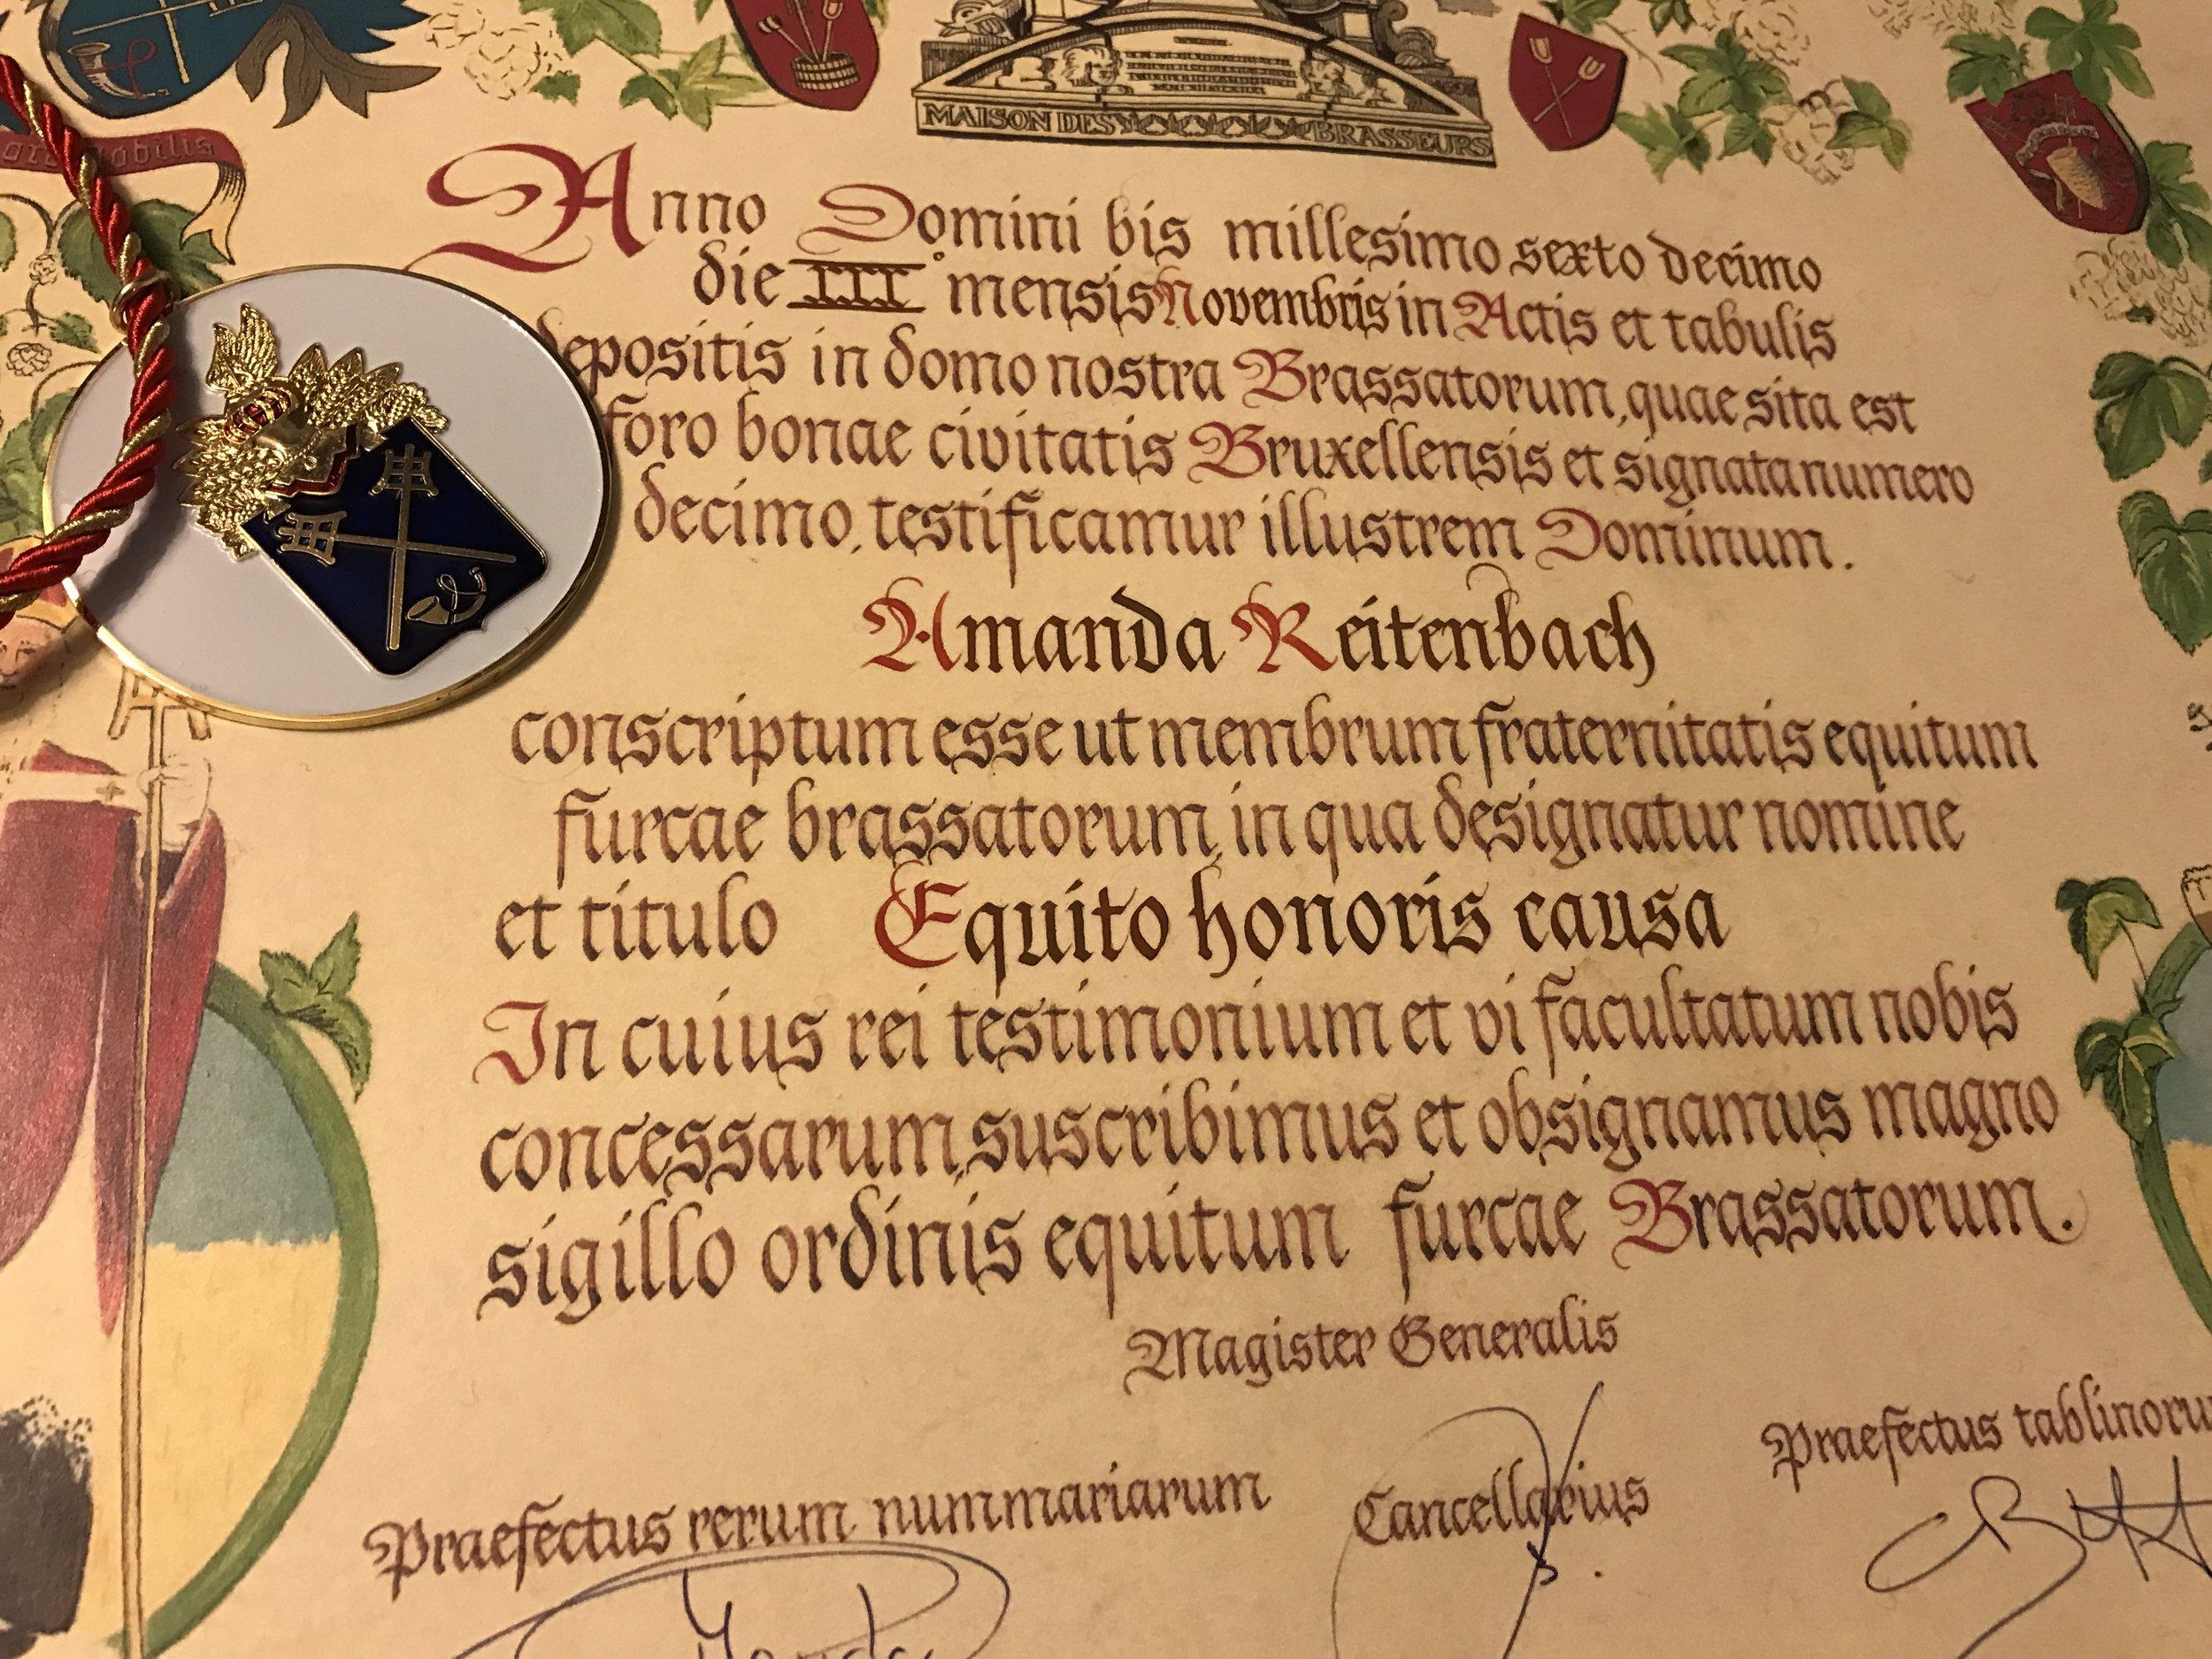 Detalhe da distinção (Foto: Divulgação)